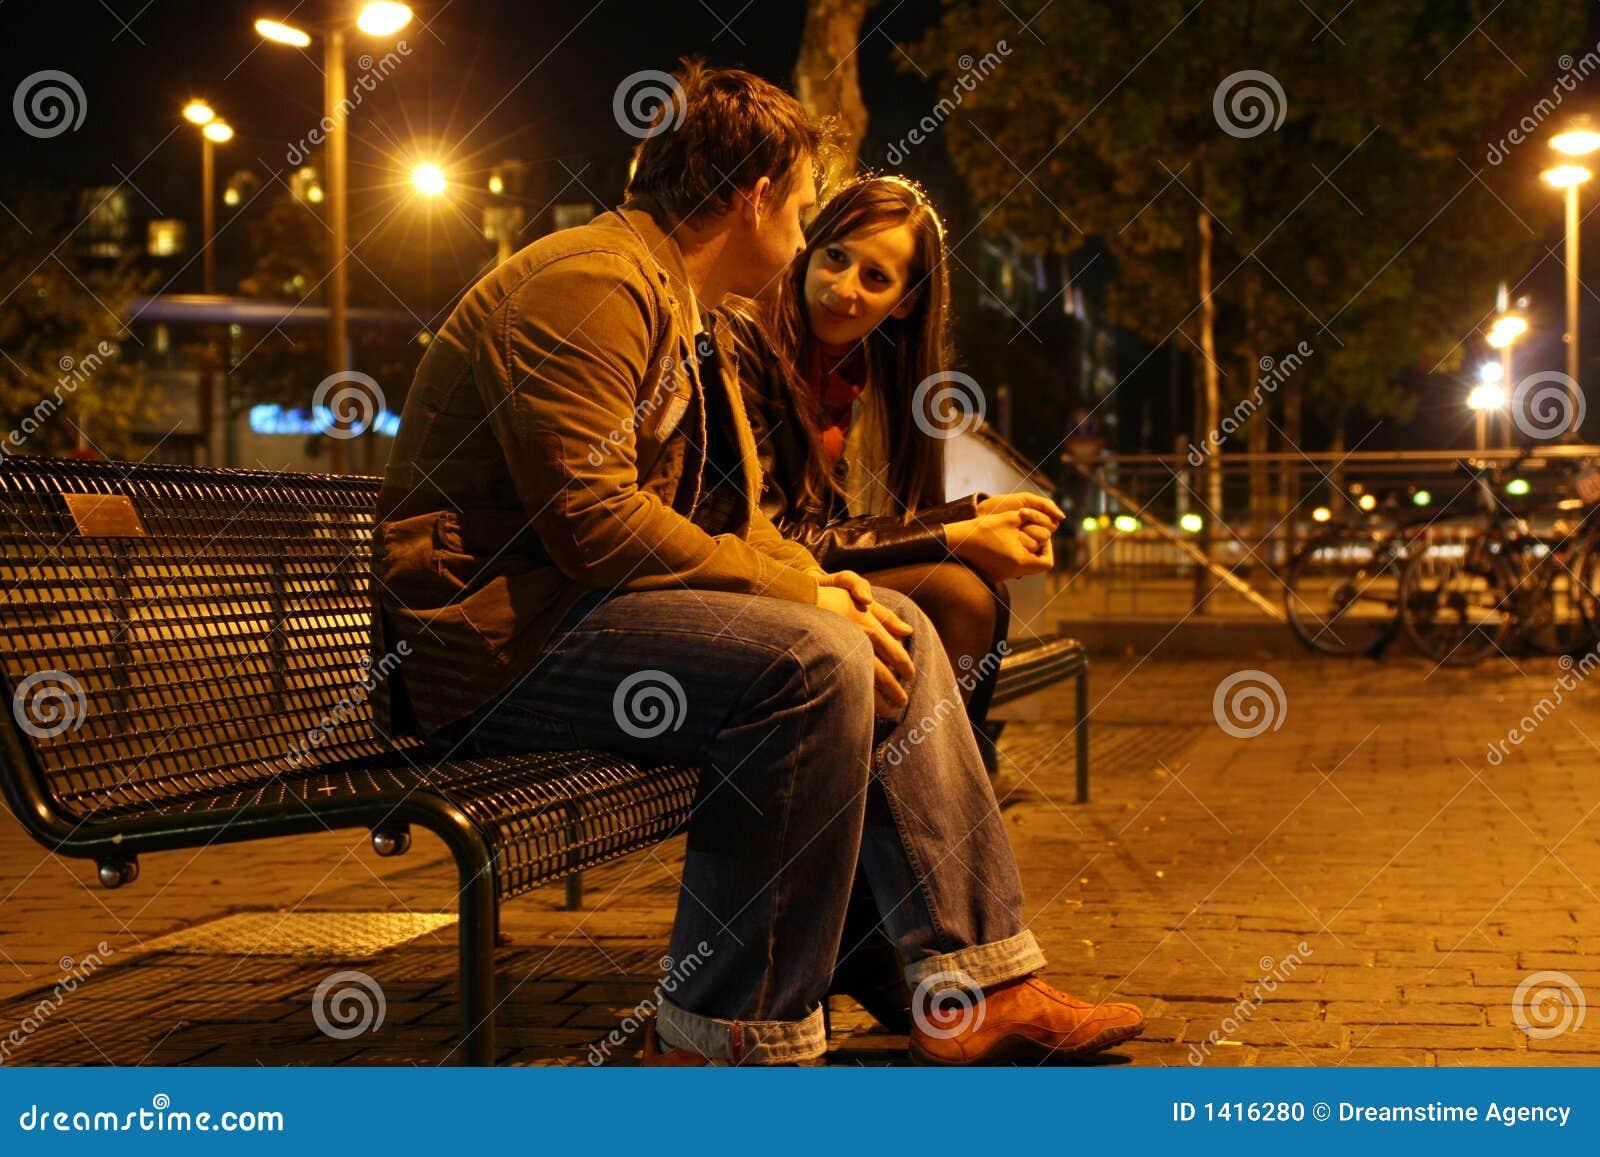 Romantische Vergadering